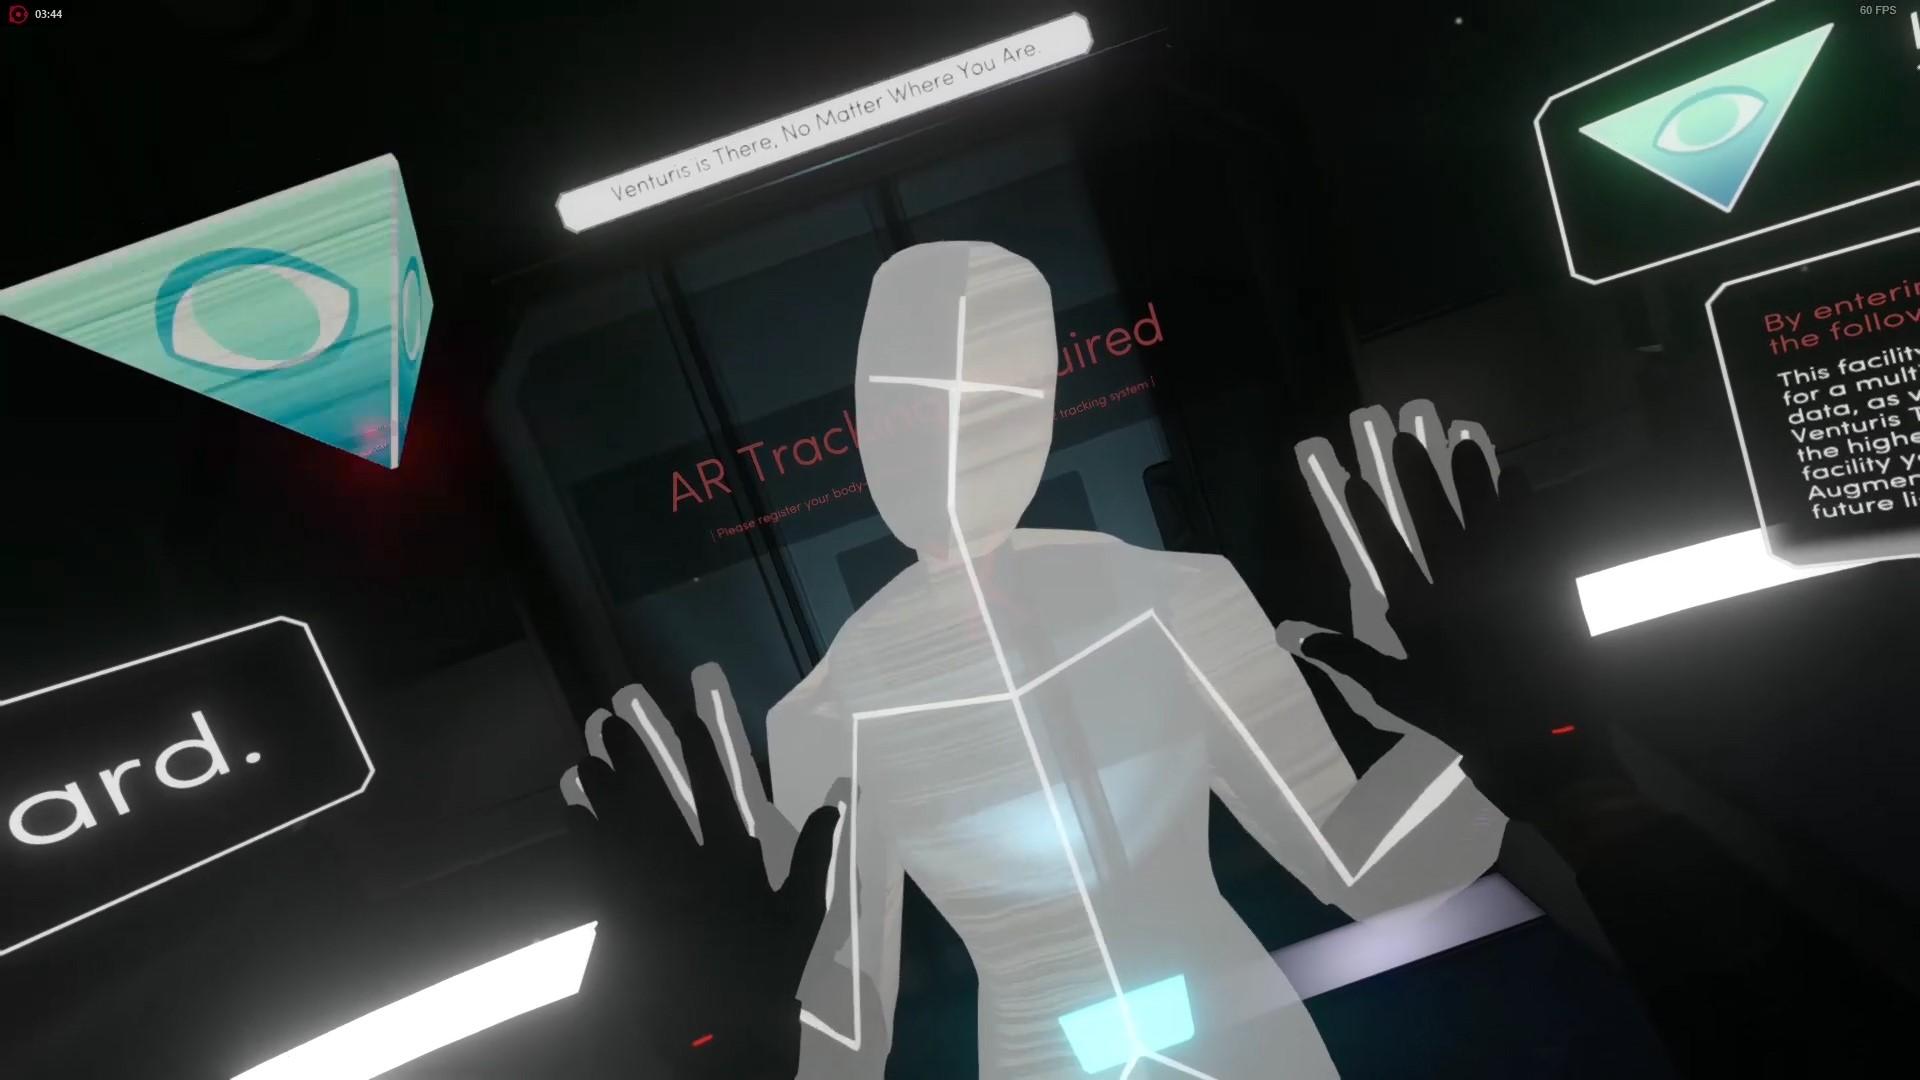 """Oh hey, that's me! - Ein Screenshot aus Tacoma (2017). Spielende blicken durch die Augen des Avatars, Amy, und erkunden eine verlassene Raumstation. Zu Beginn des Spiels wird die Augmented Reality-Umgebung """"kalibriert"""". Der Avatar neigt seinen Kopf, die Sicht ändert sich entsprechend. Aus der realen Welt bekannte Bewegungsmuster, die der Avatar simuliert, erleichtern es Spielenden, die virtuelle Welt leiblich zu erspüren."""